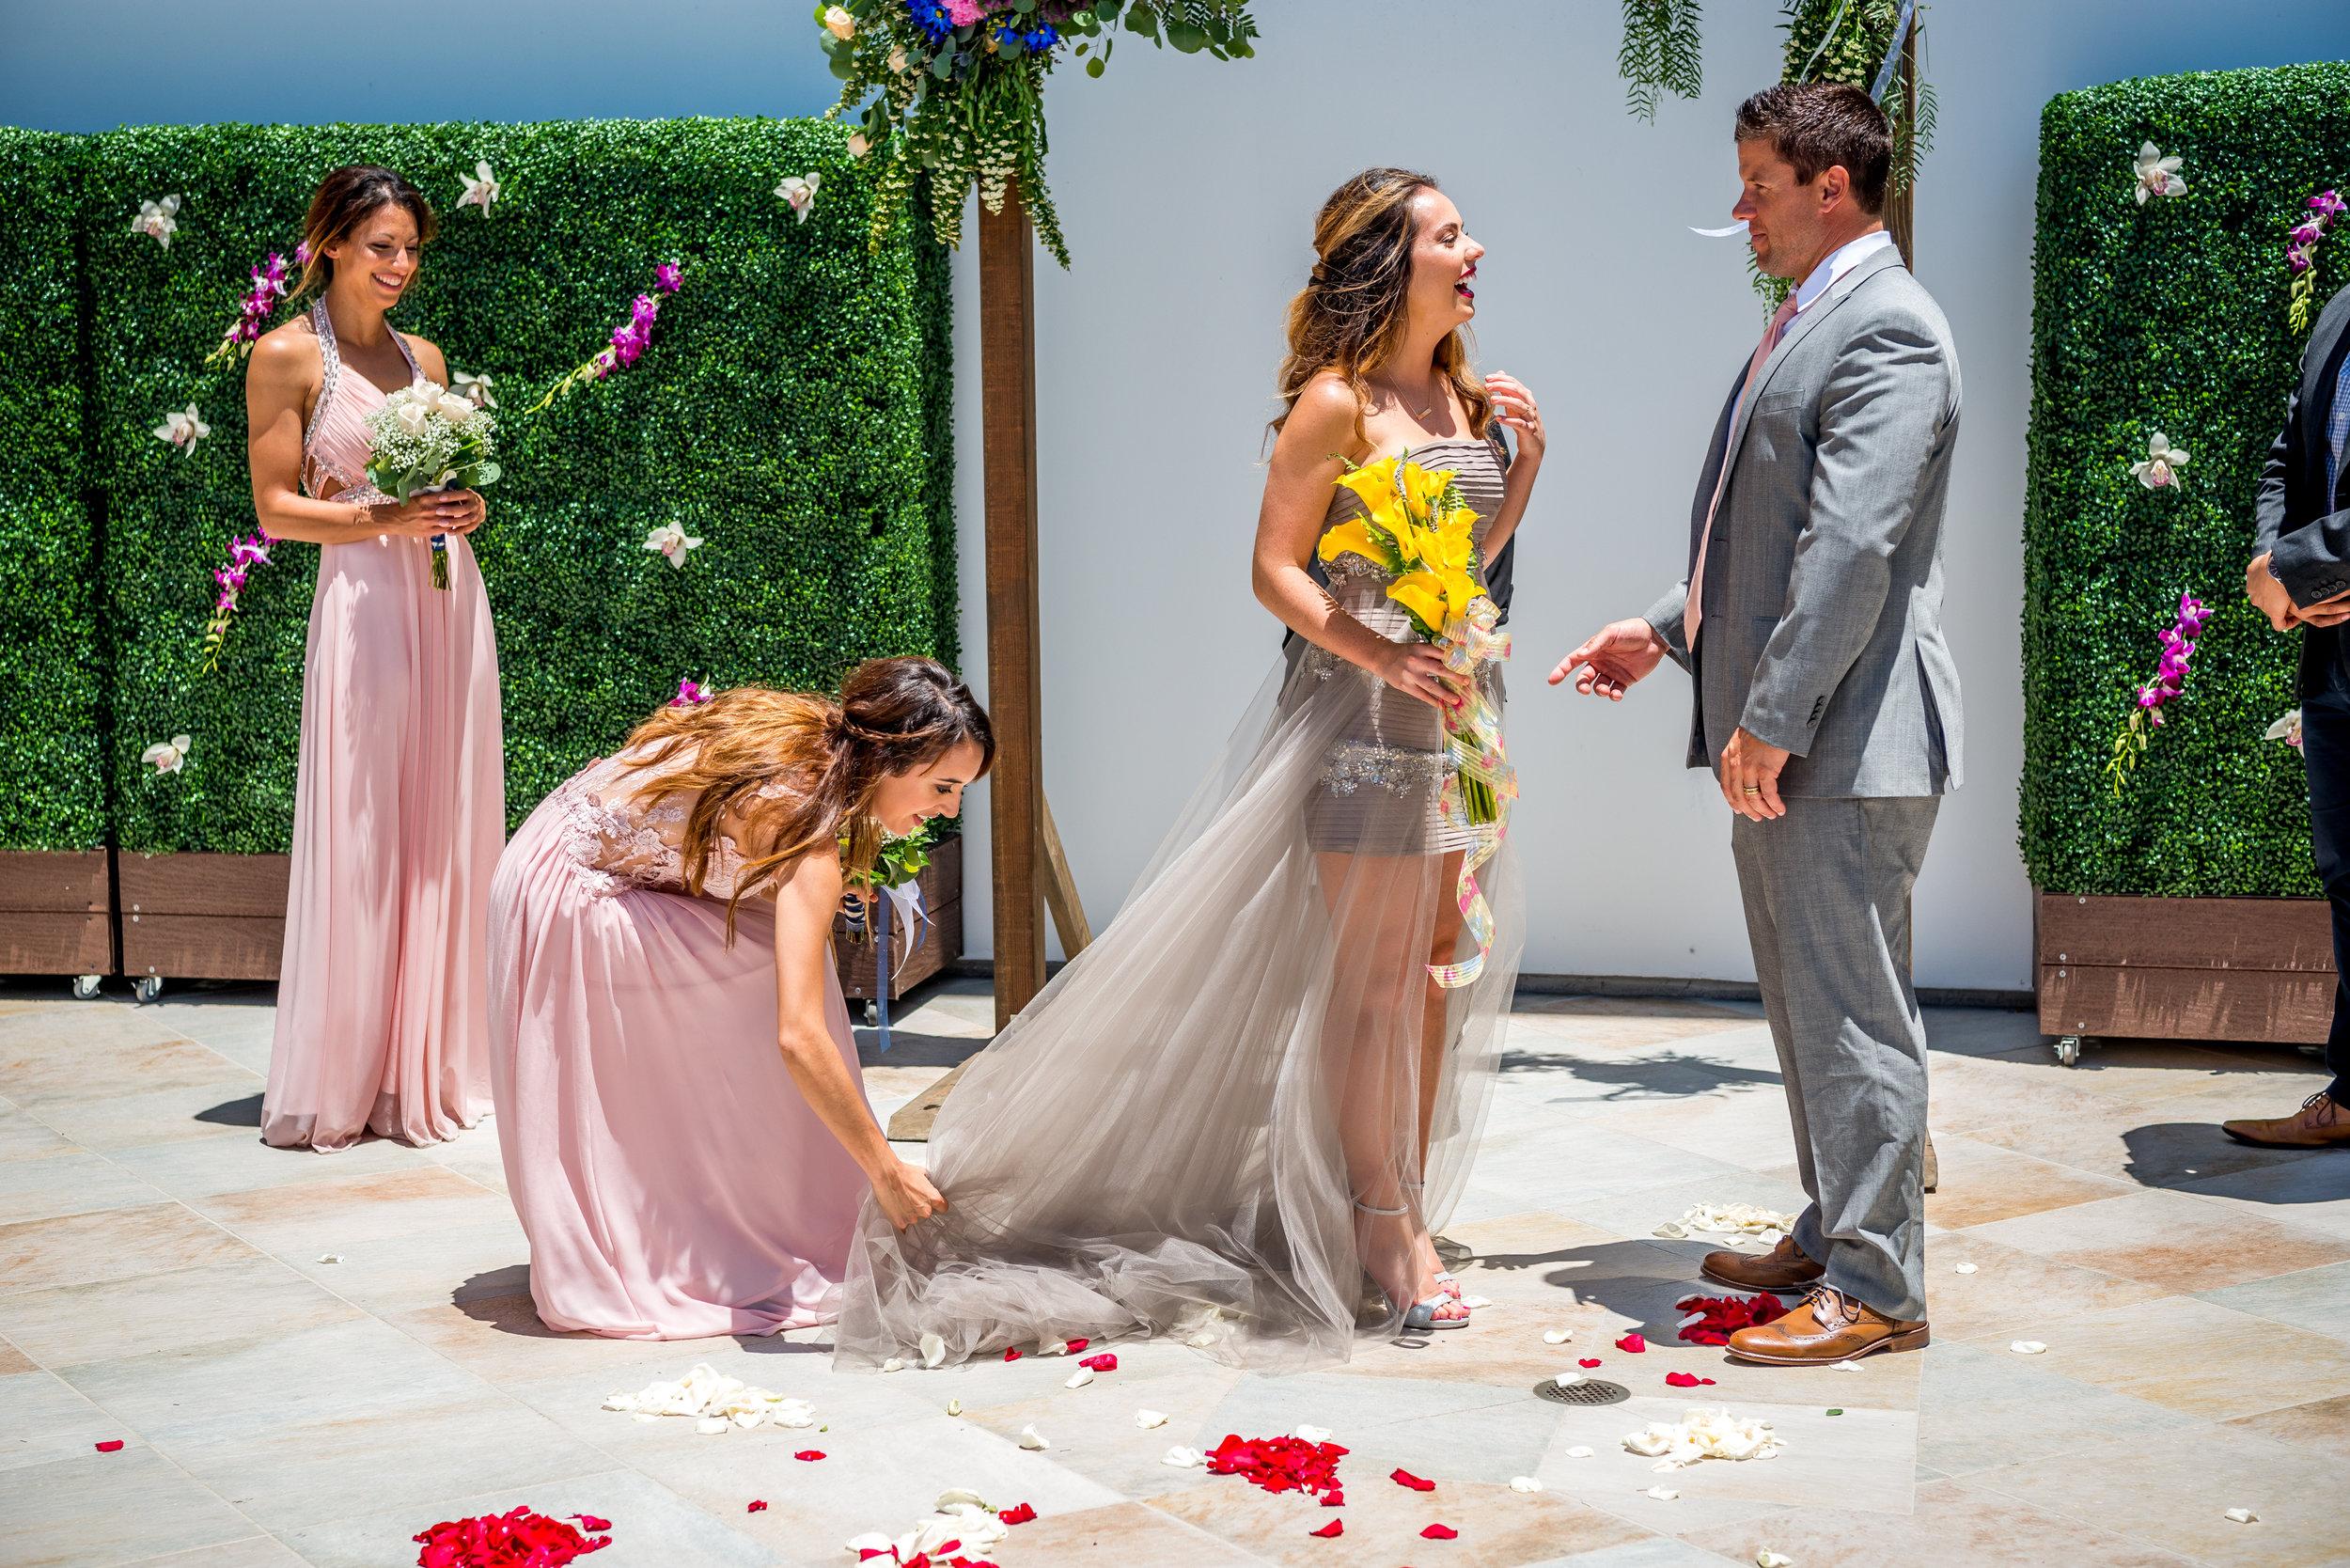 The_Centre_Escondido_Weddings_Emry_Photography_0260.jpg